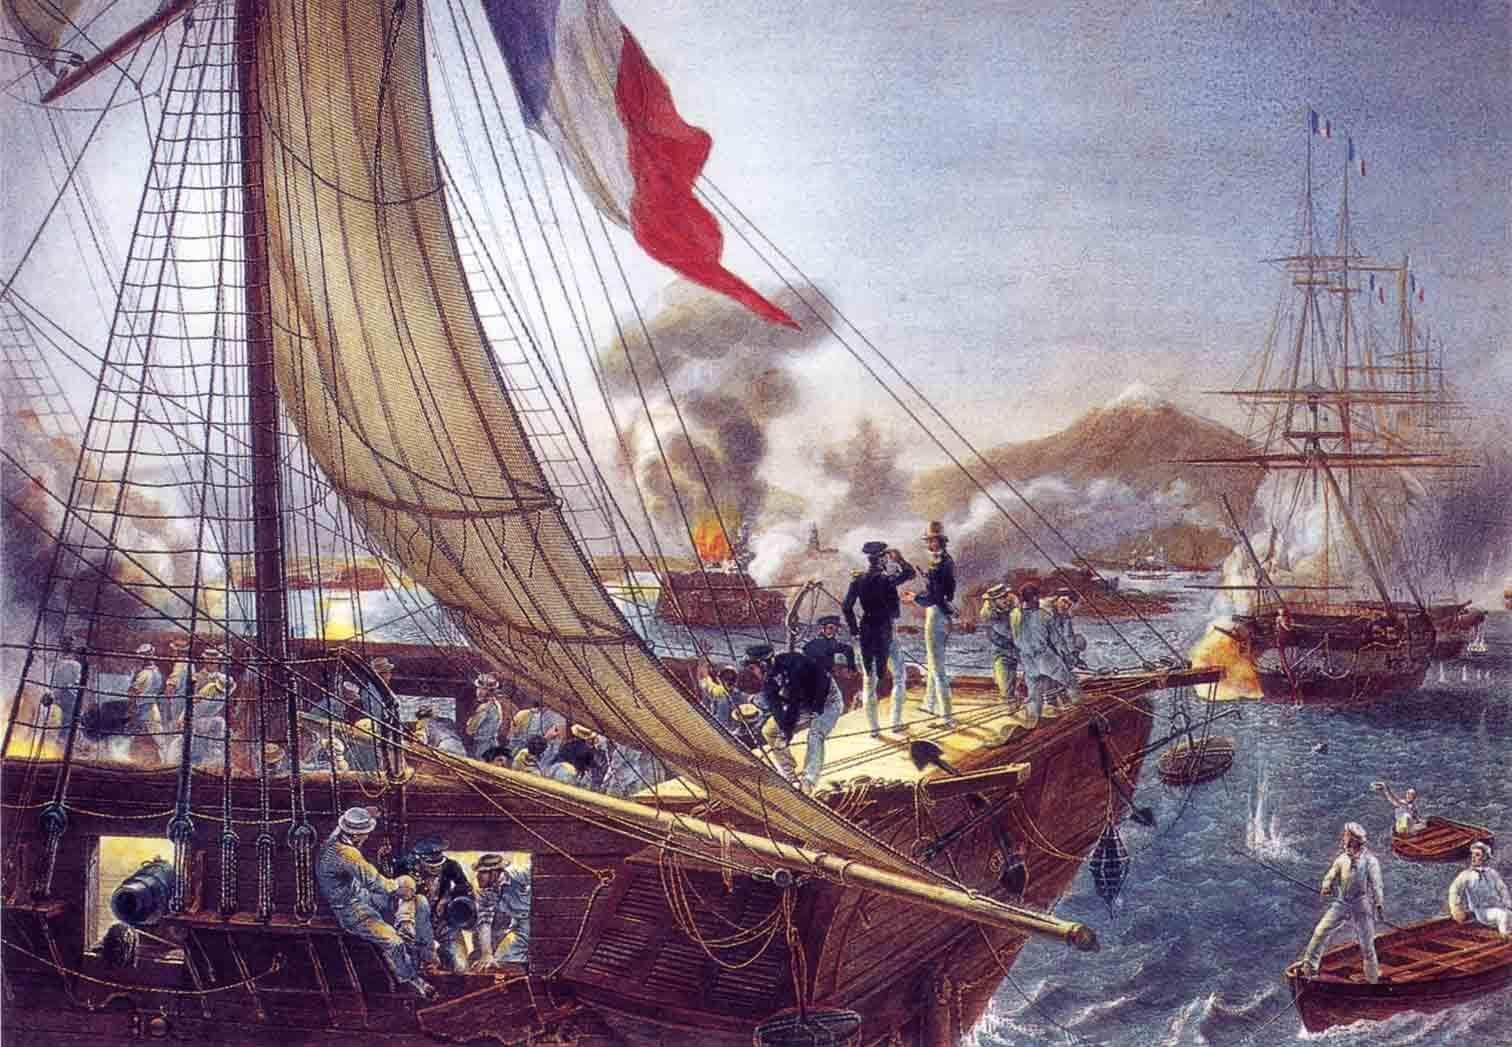 Guerra de los Pasteles (1838 - 1839)